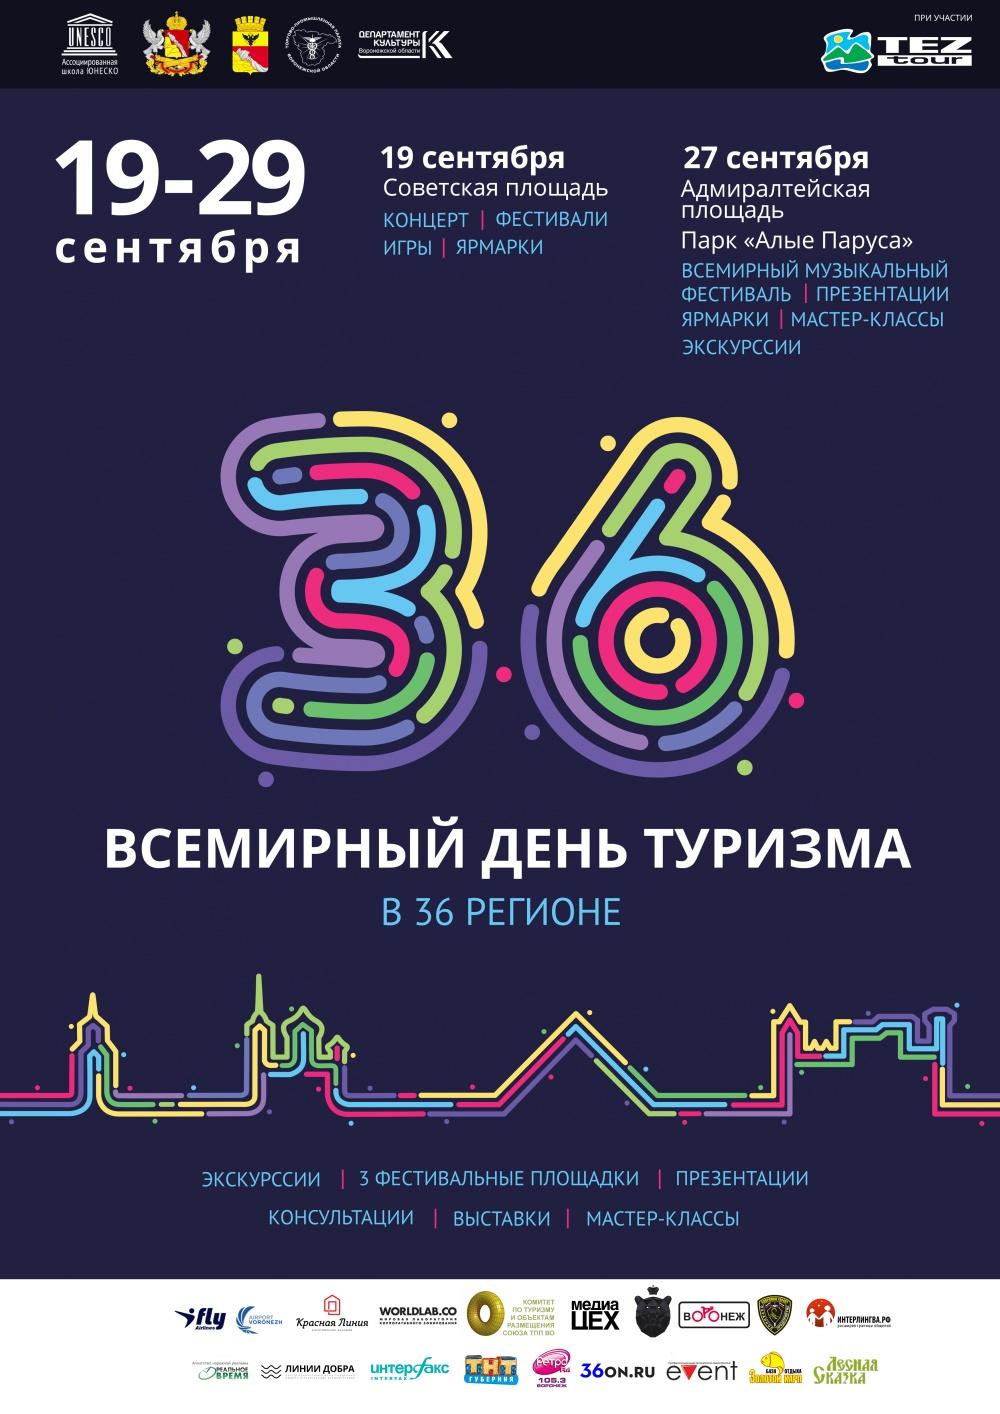 36-ой Всемирный День туризма в 36-ом регионе.